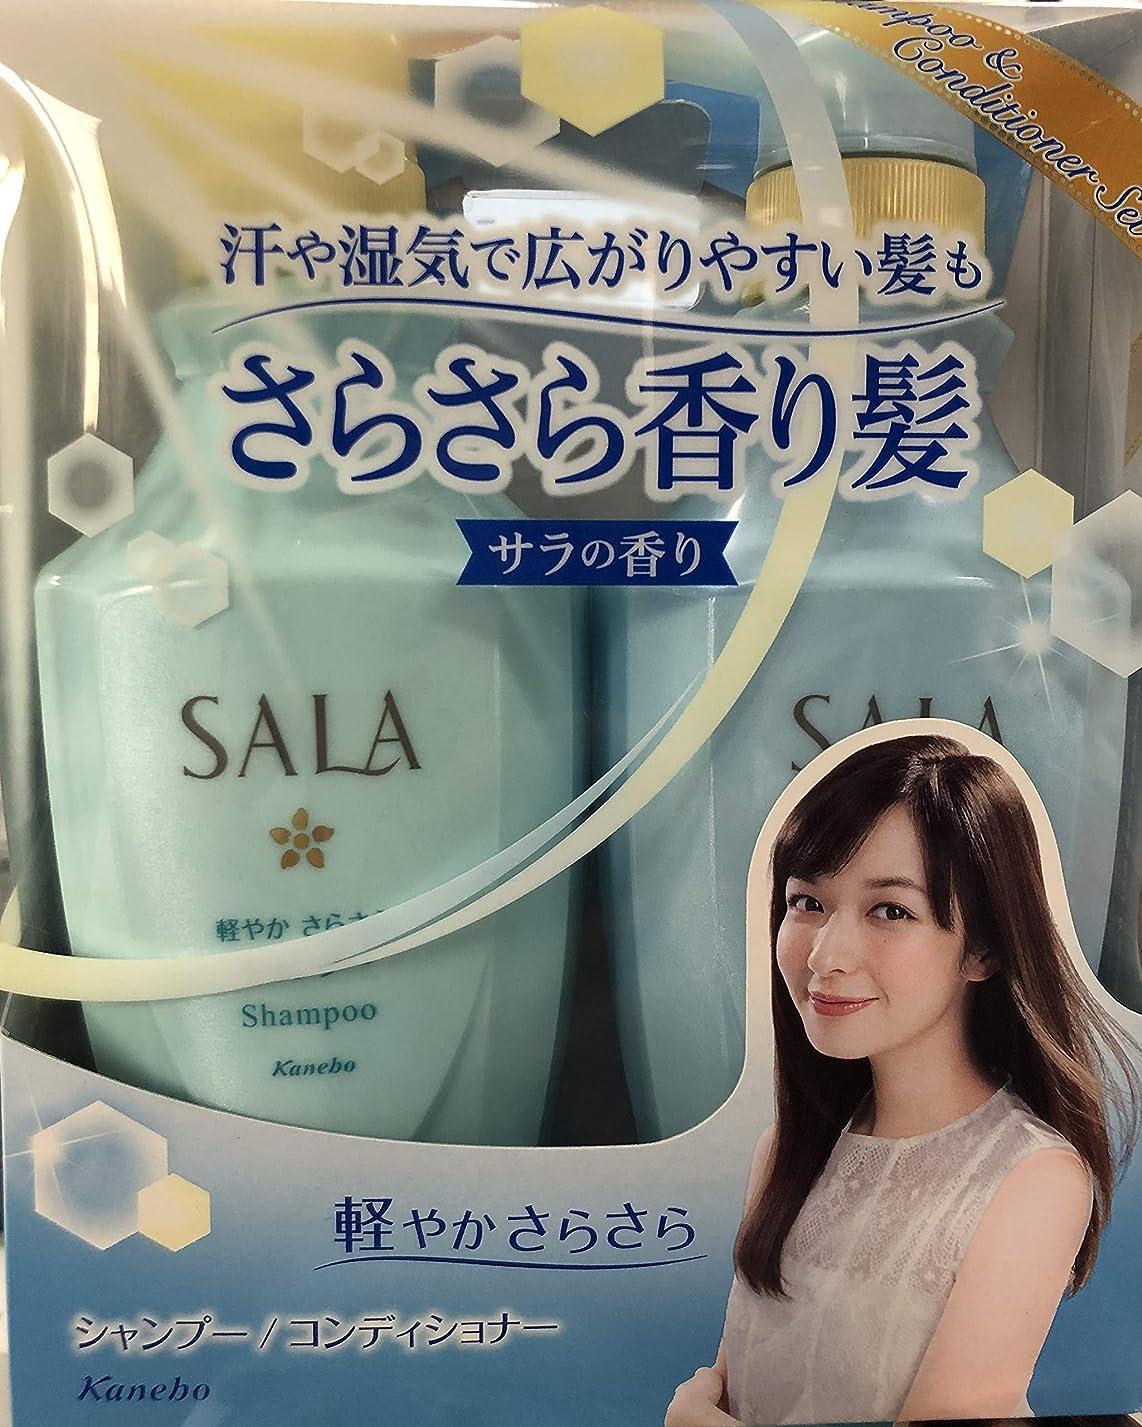 モールブラジャー解読するSALA sara サラ シャンプー400ml & コンディショナー400ml サラの香り